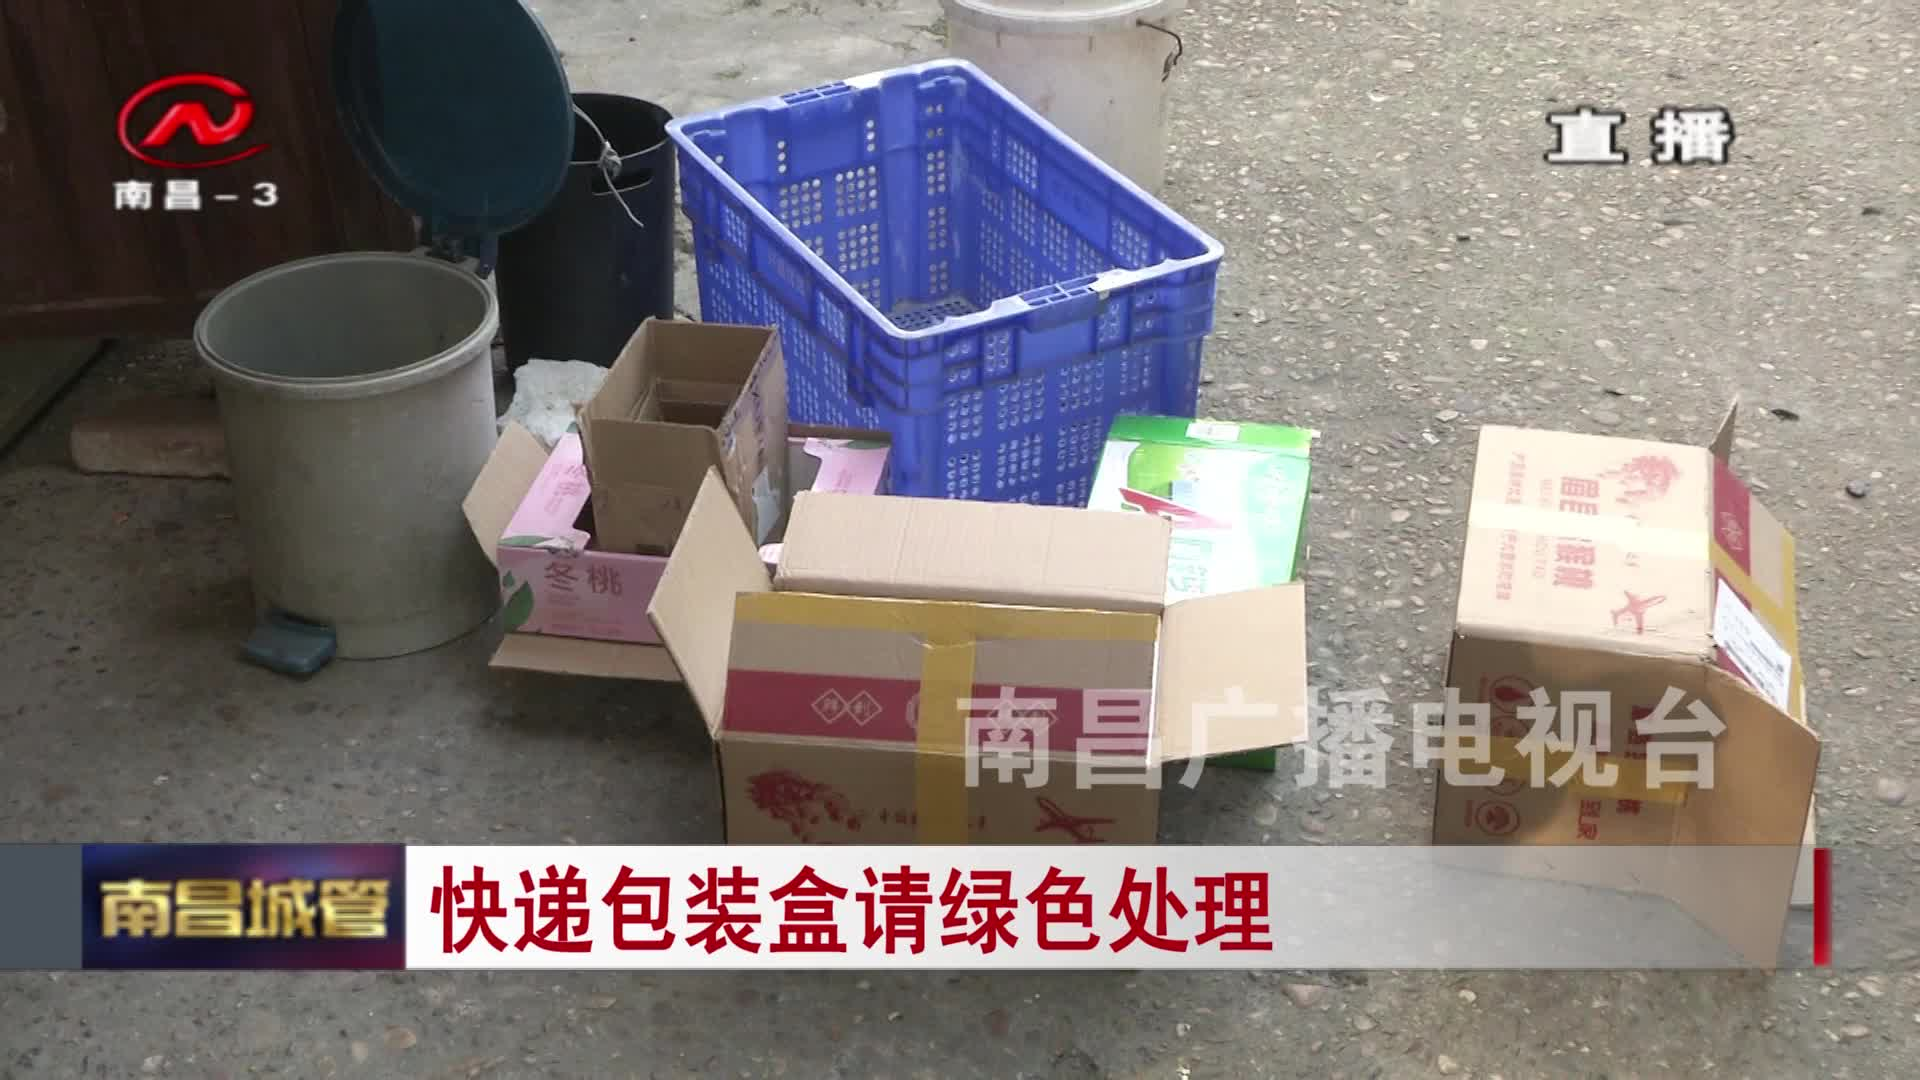 【城管新闻】快递包装盒请绿色处理